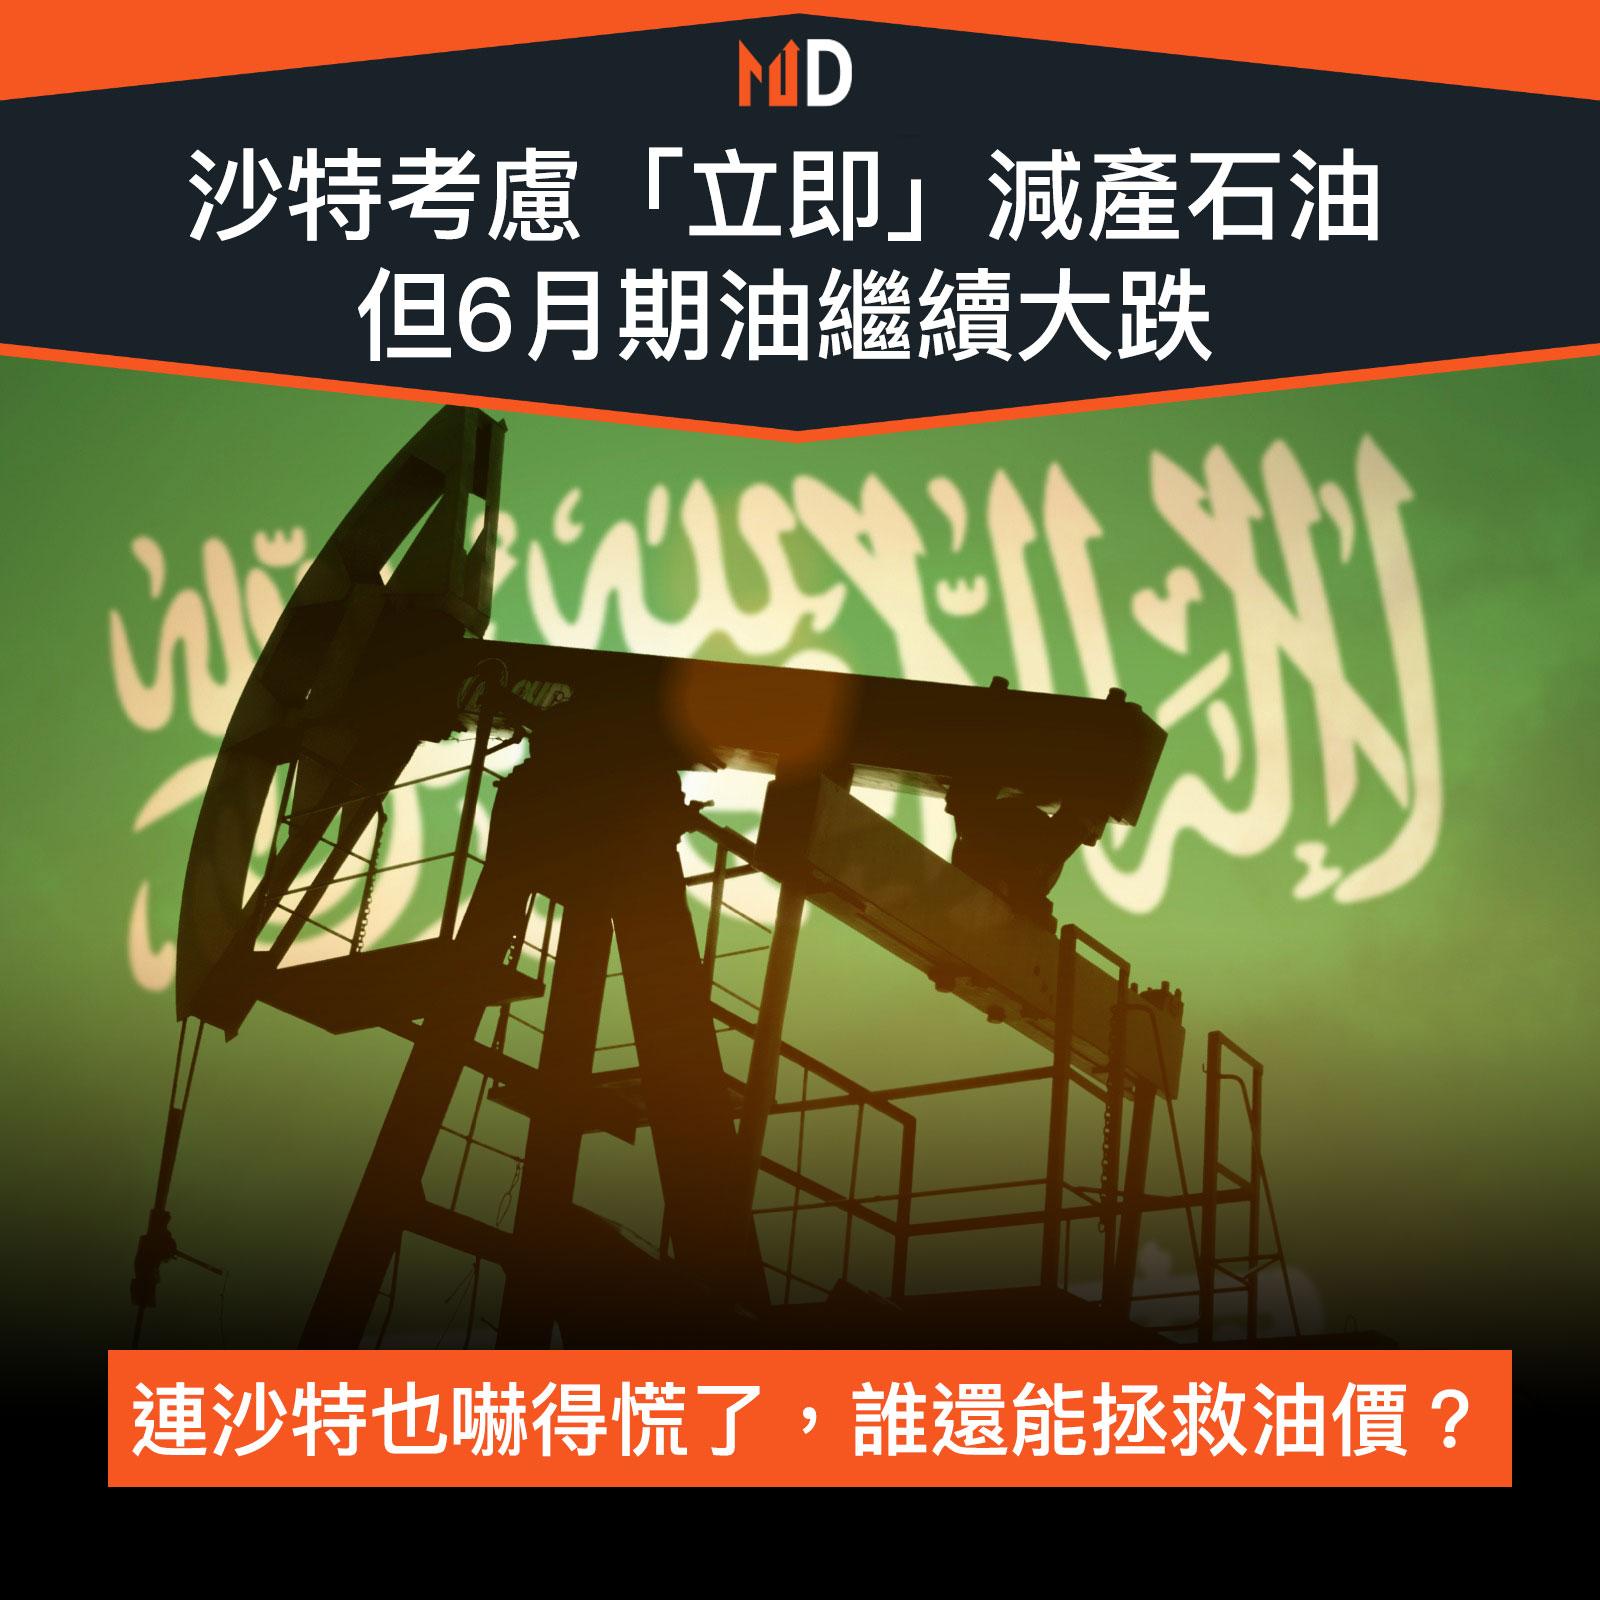 【市場熱話】沙特正考慮「立即」減產石油,但6月期油繼續大跌